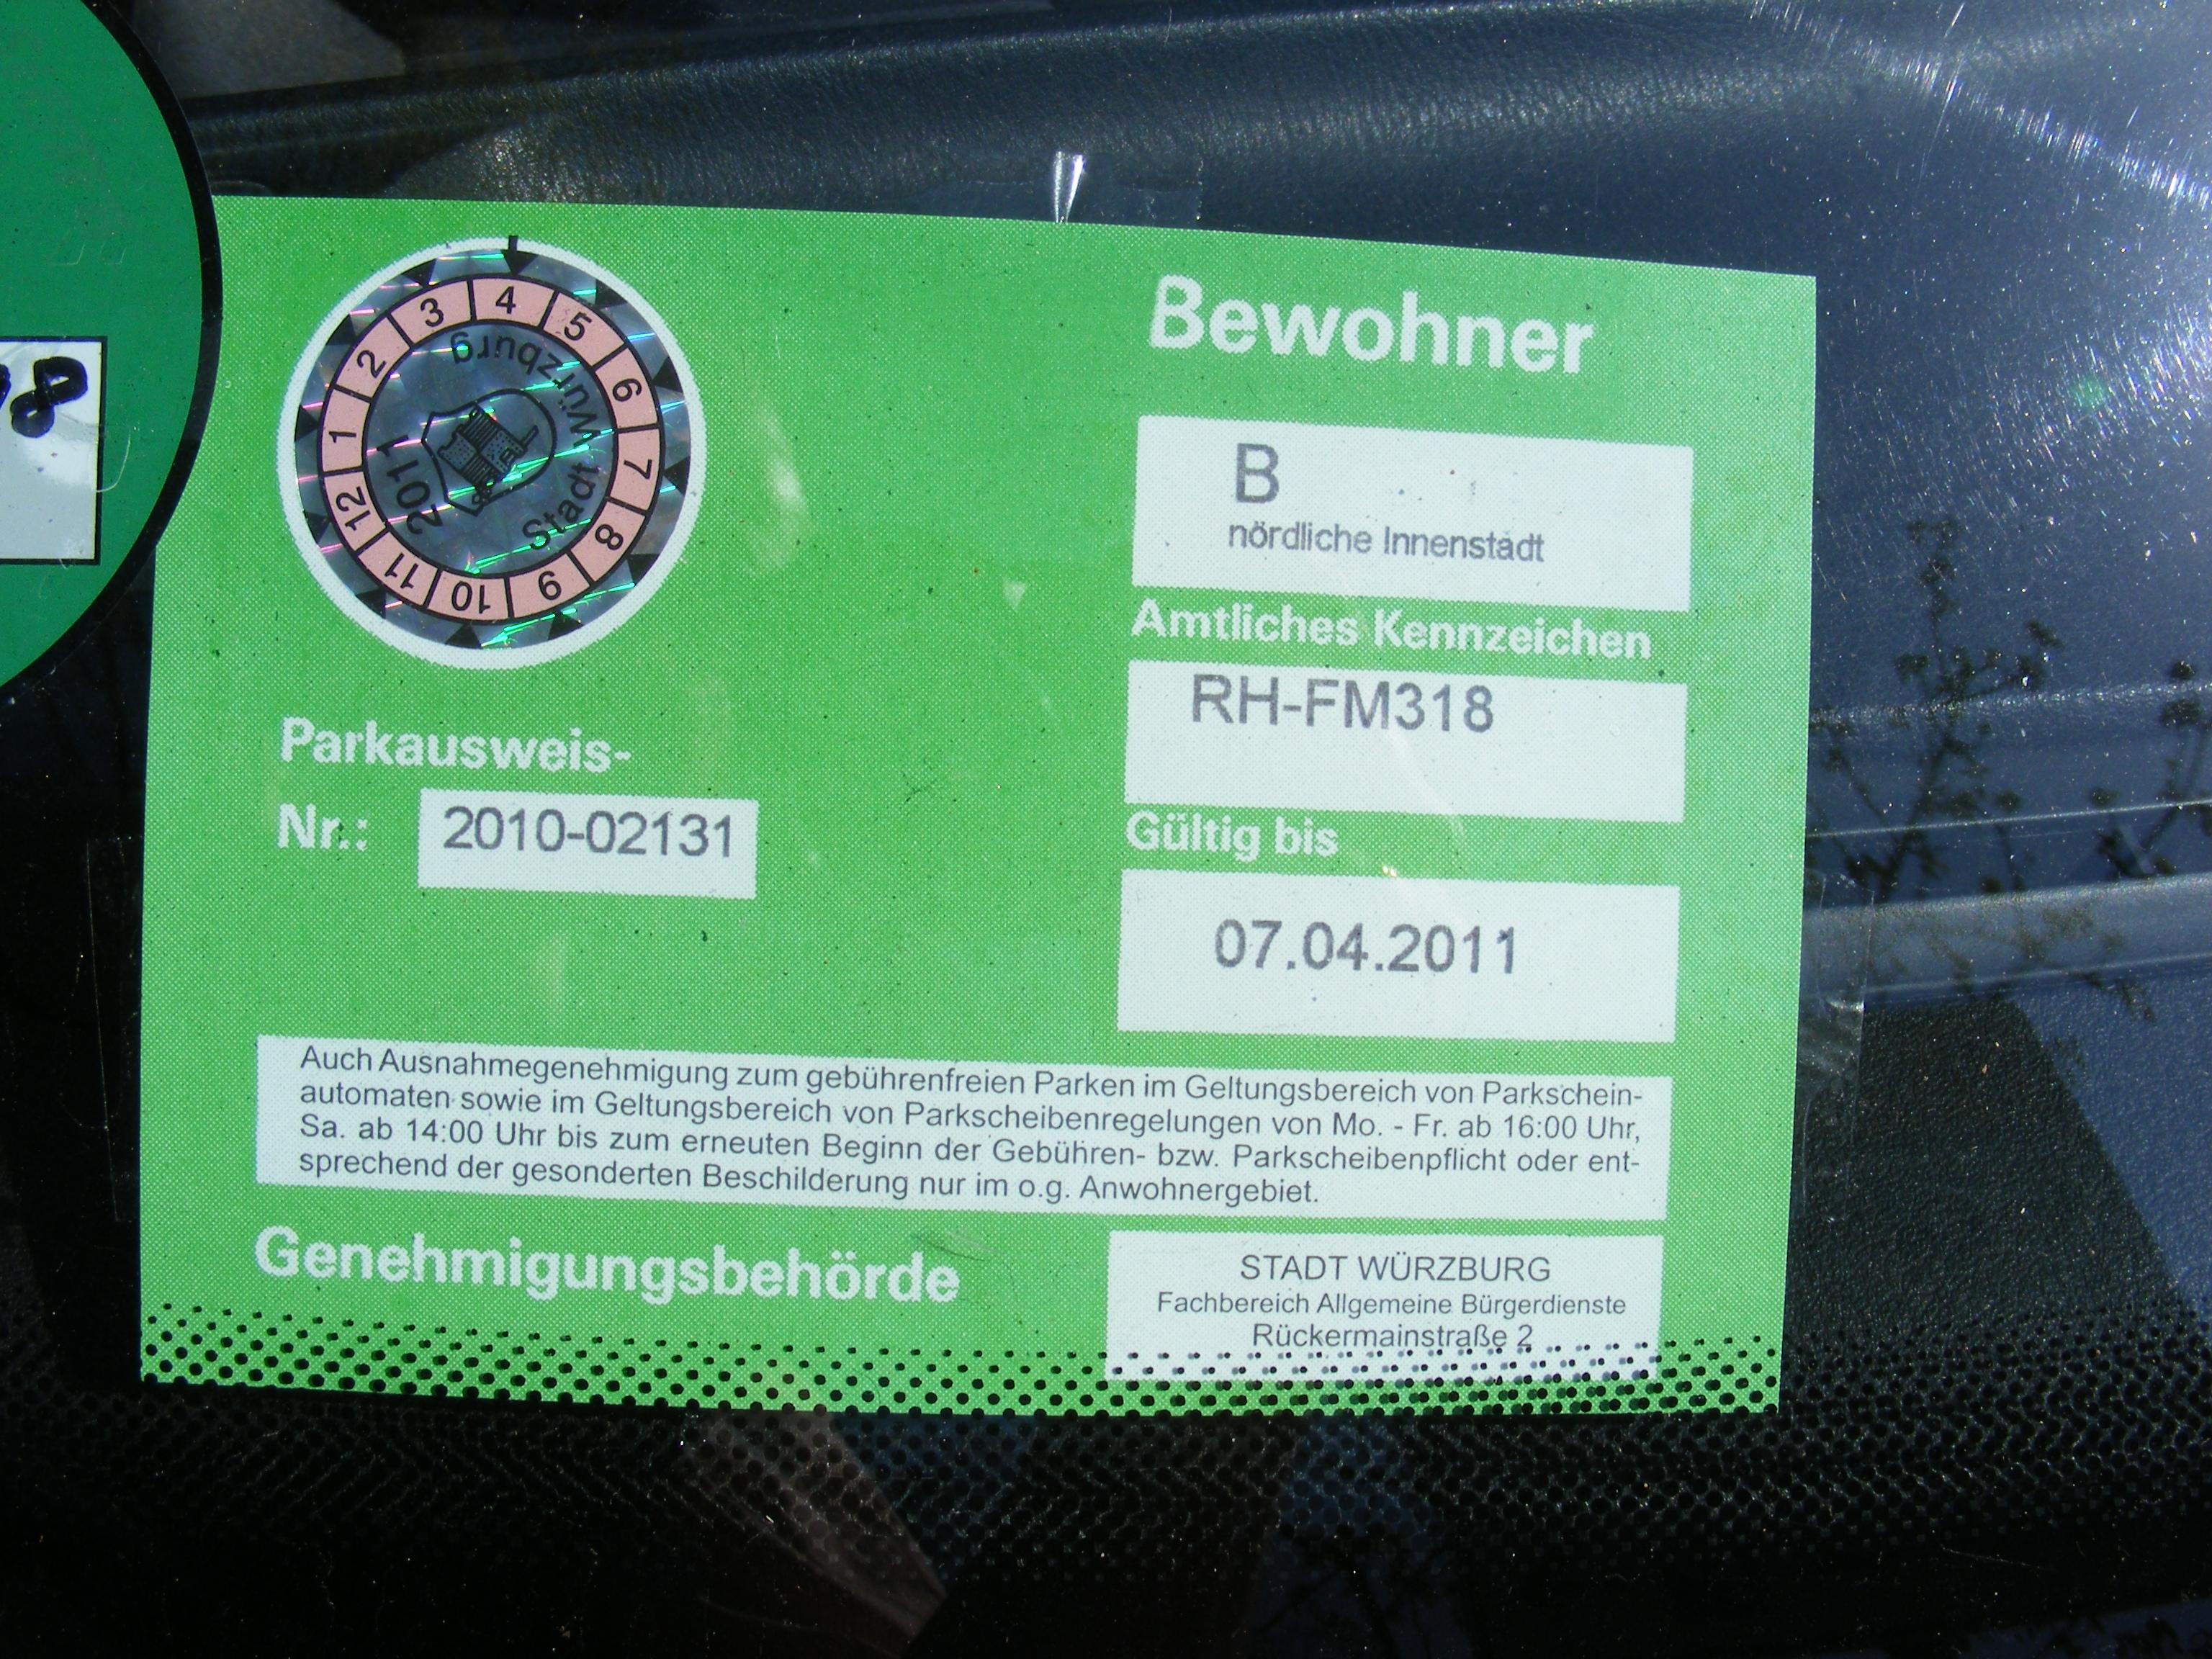 LG Tübingen: Handschriftliche, offensichtliche Änderungen an ...